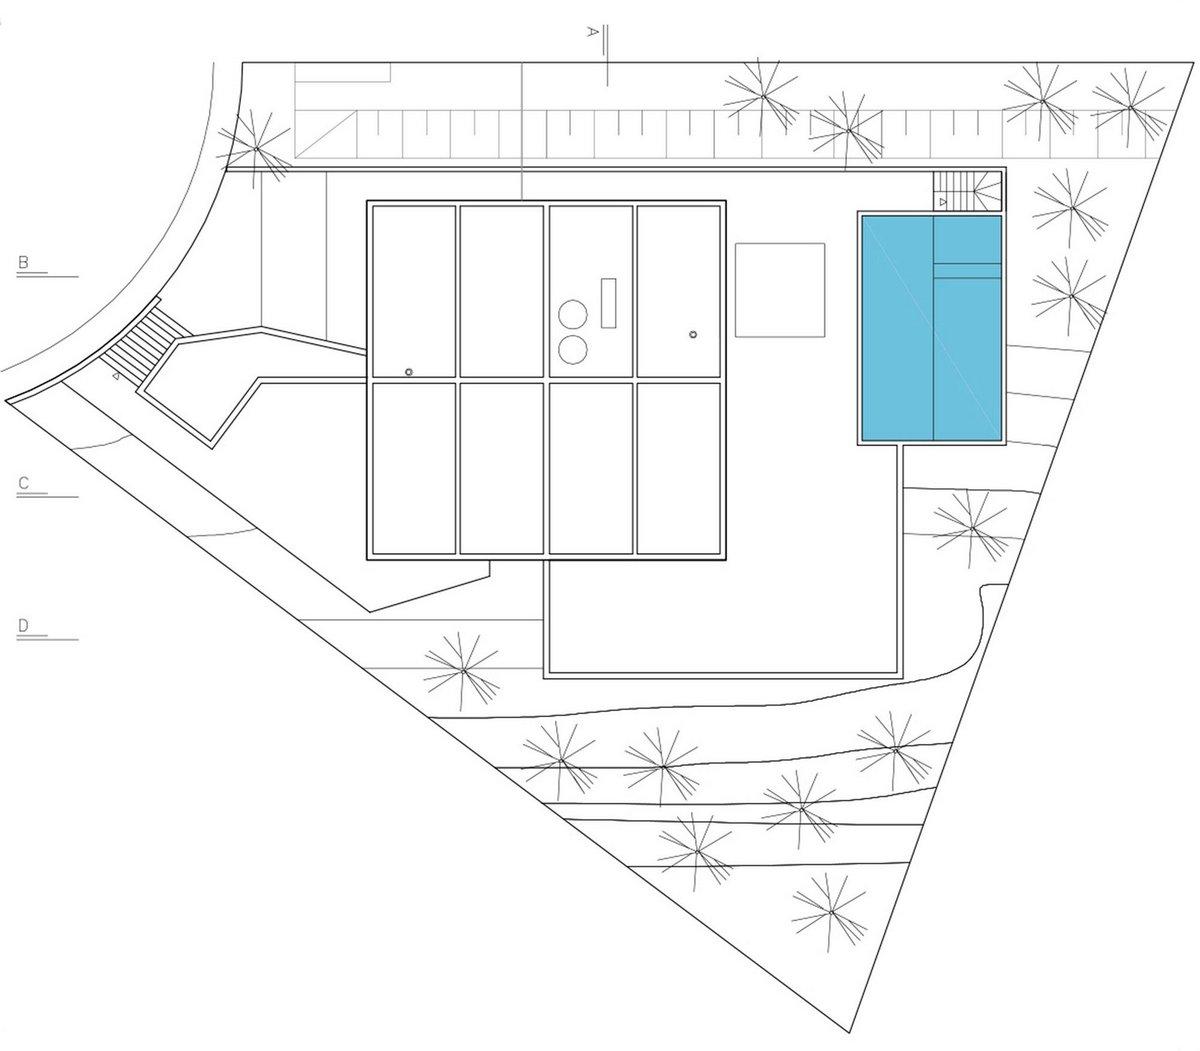 House JJ, Obra Arquitetos, современный частный дом с бассейном фото, терраса с бассейном в частном доме фото, молодежный частный дом фото